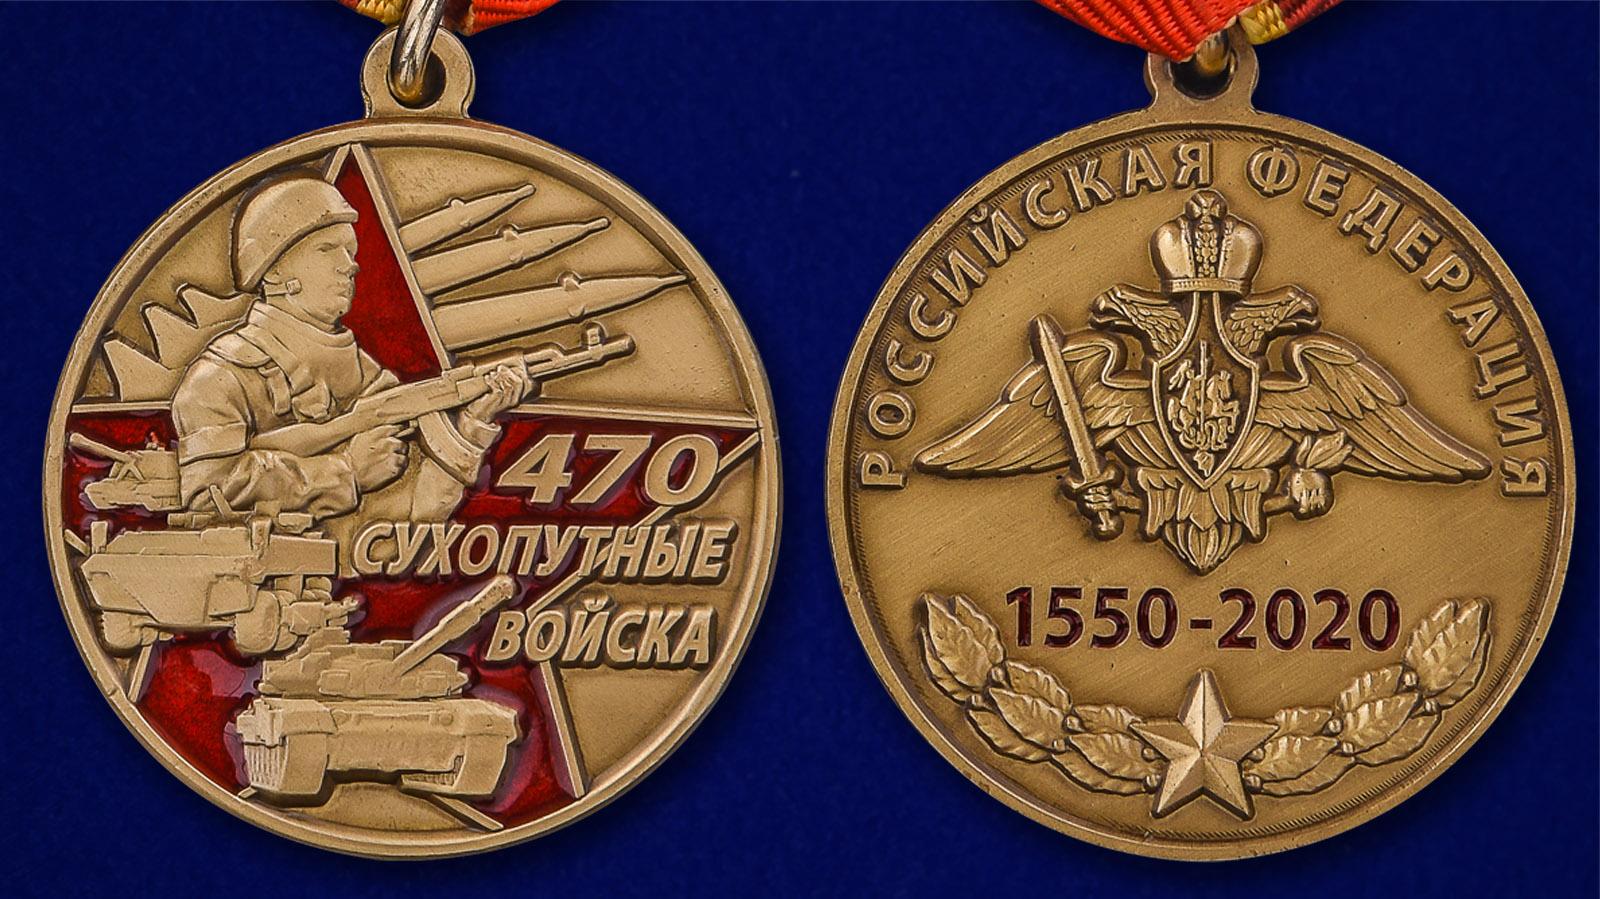 Латунная медаль 470 лет Сухопутным войскам - аверс и реверс